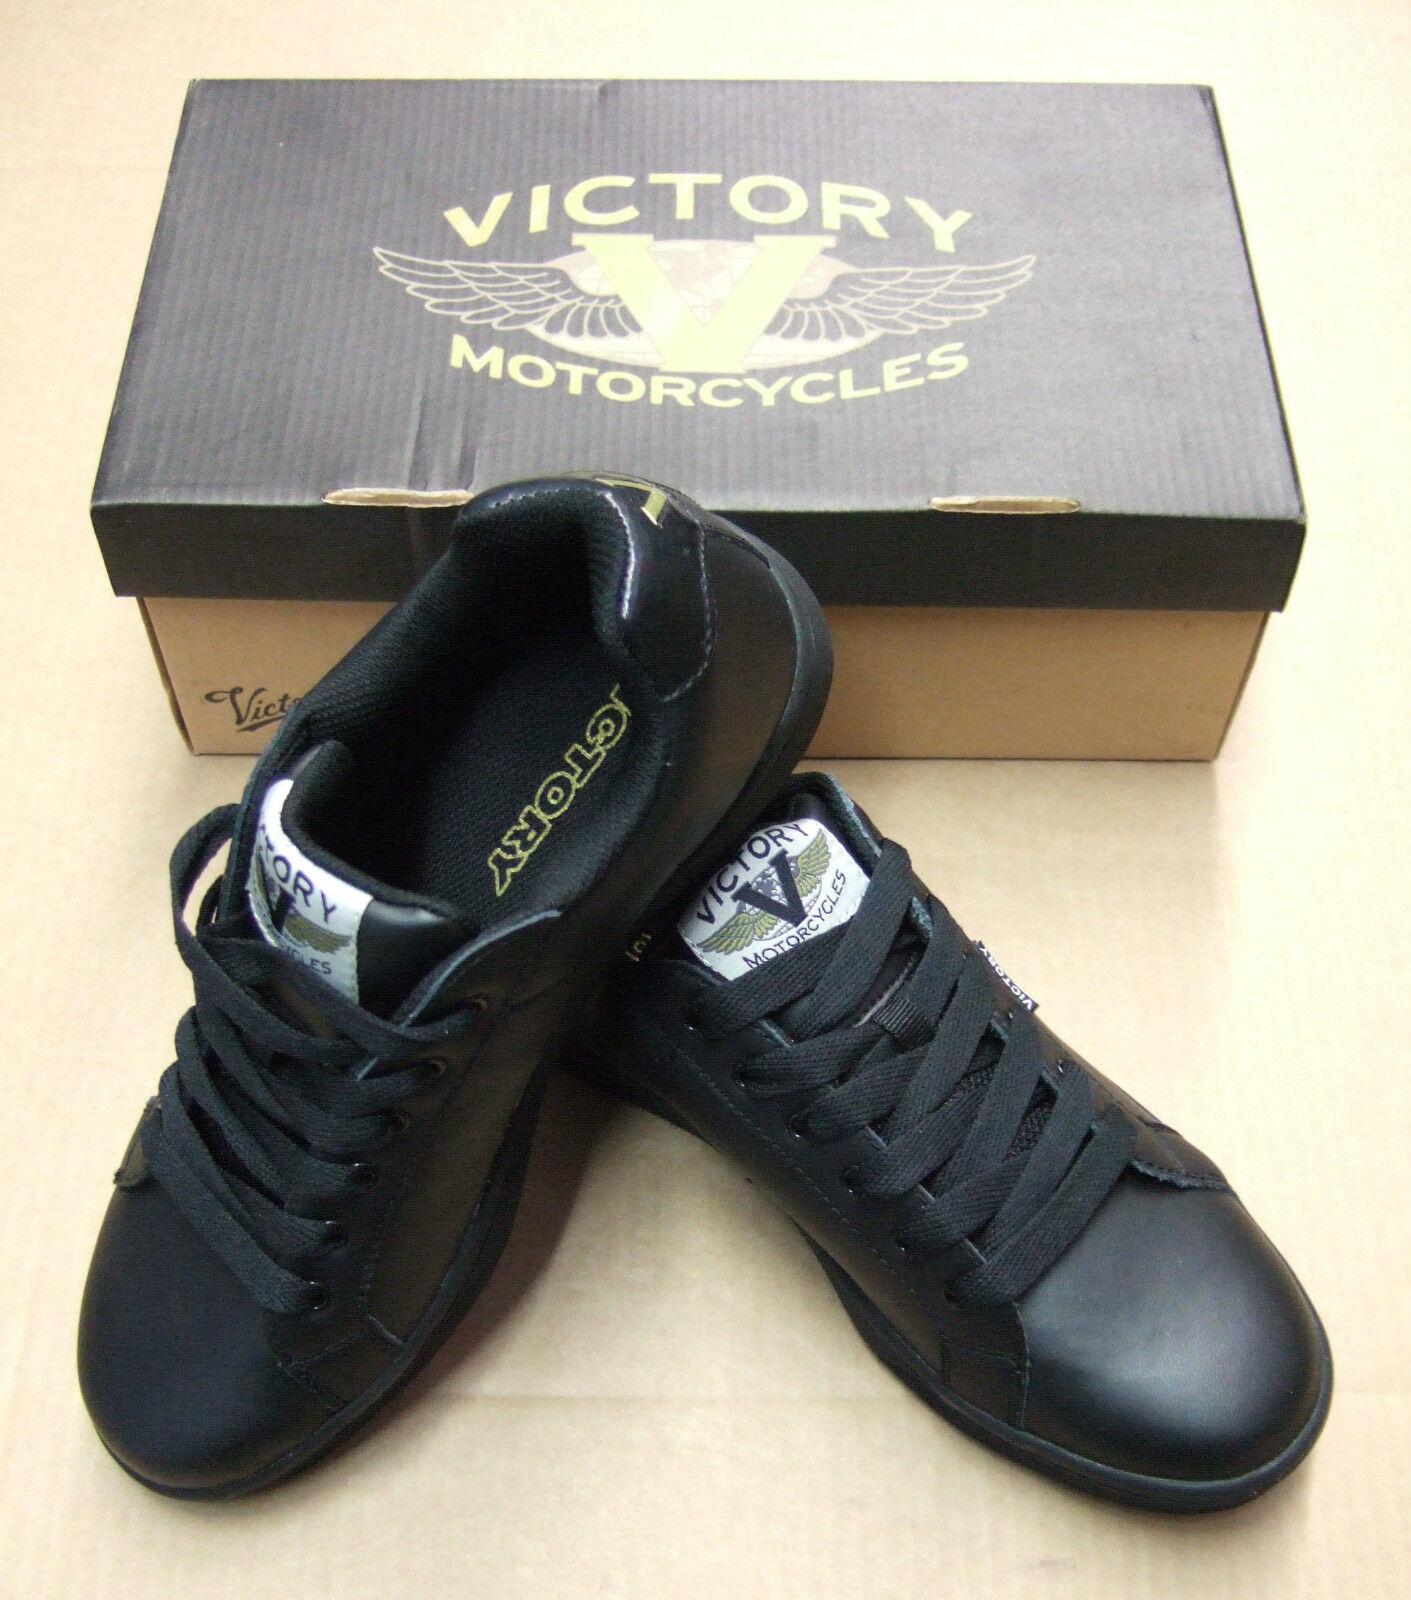 Schuhe Freizeit, Motorcycles Schuhes Turnschuhe, Victory Motorcycles Freizeit, schwarz schwarz Gr.41,42,43 a13549